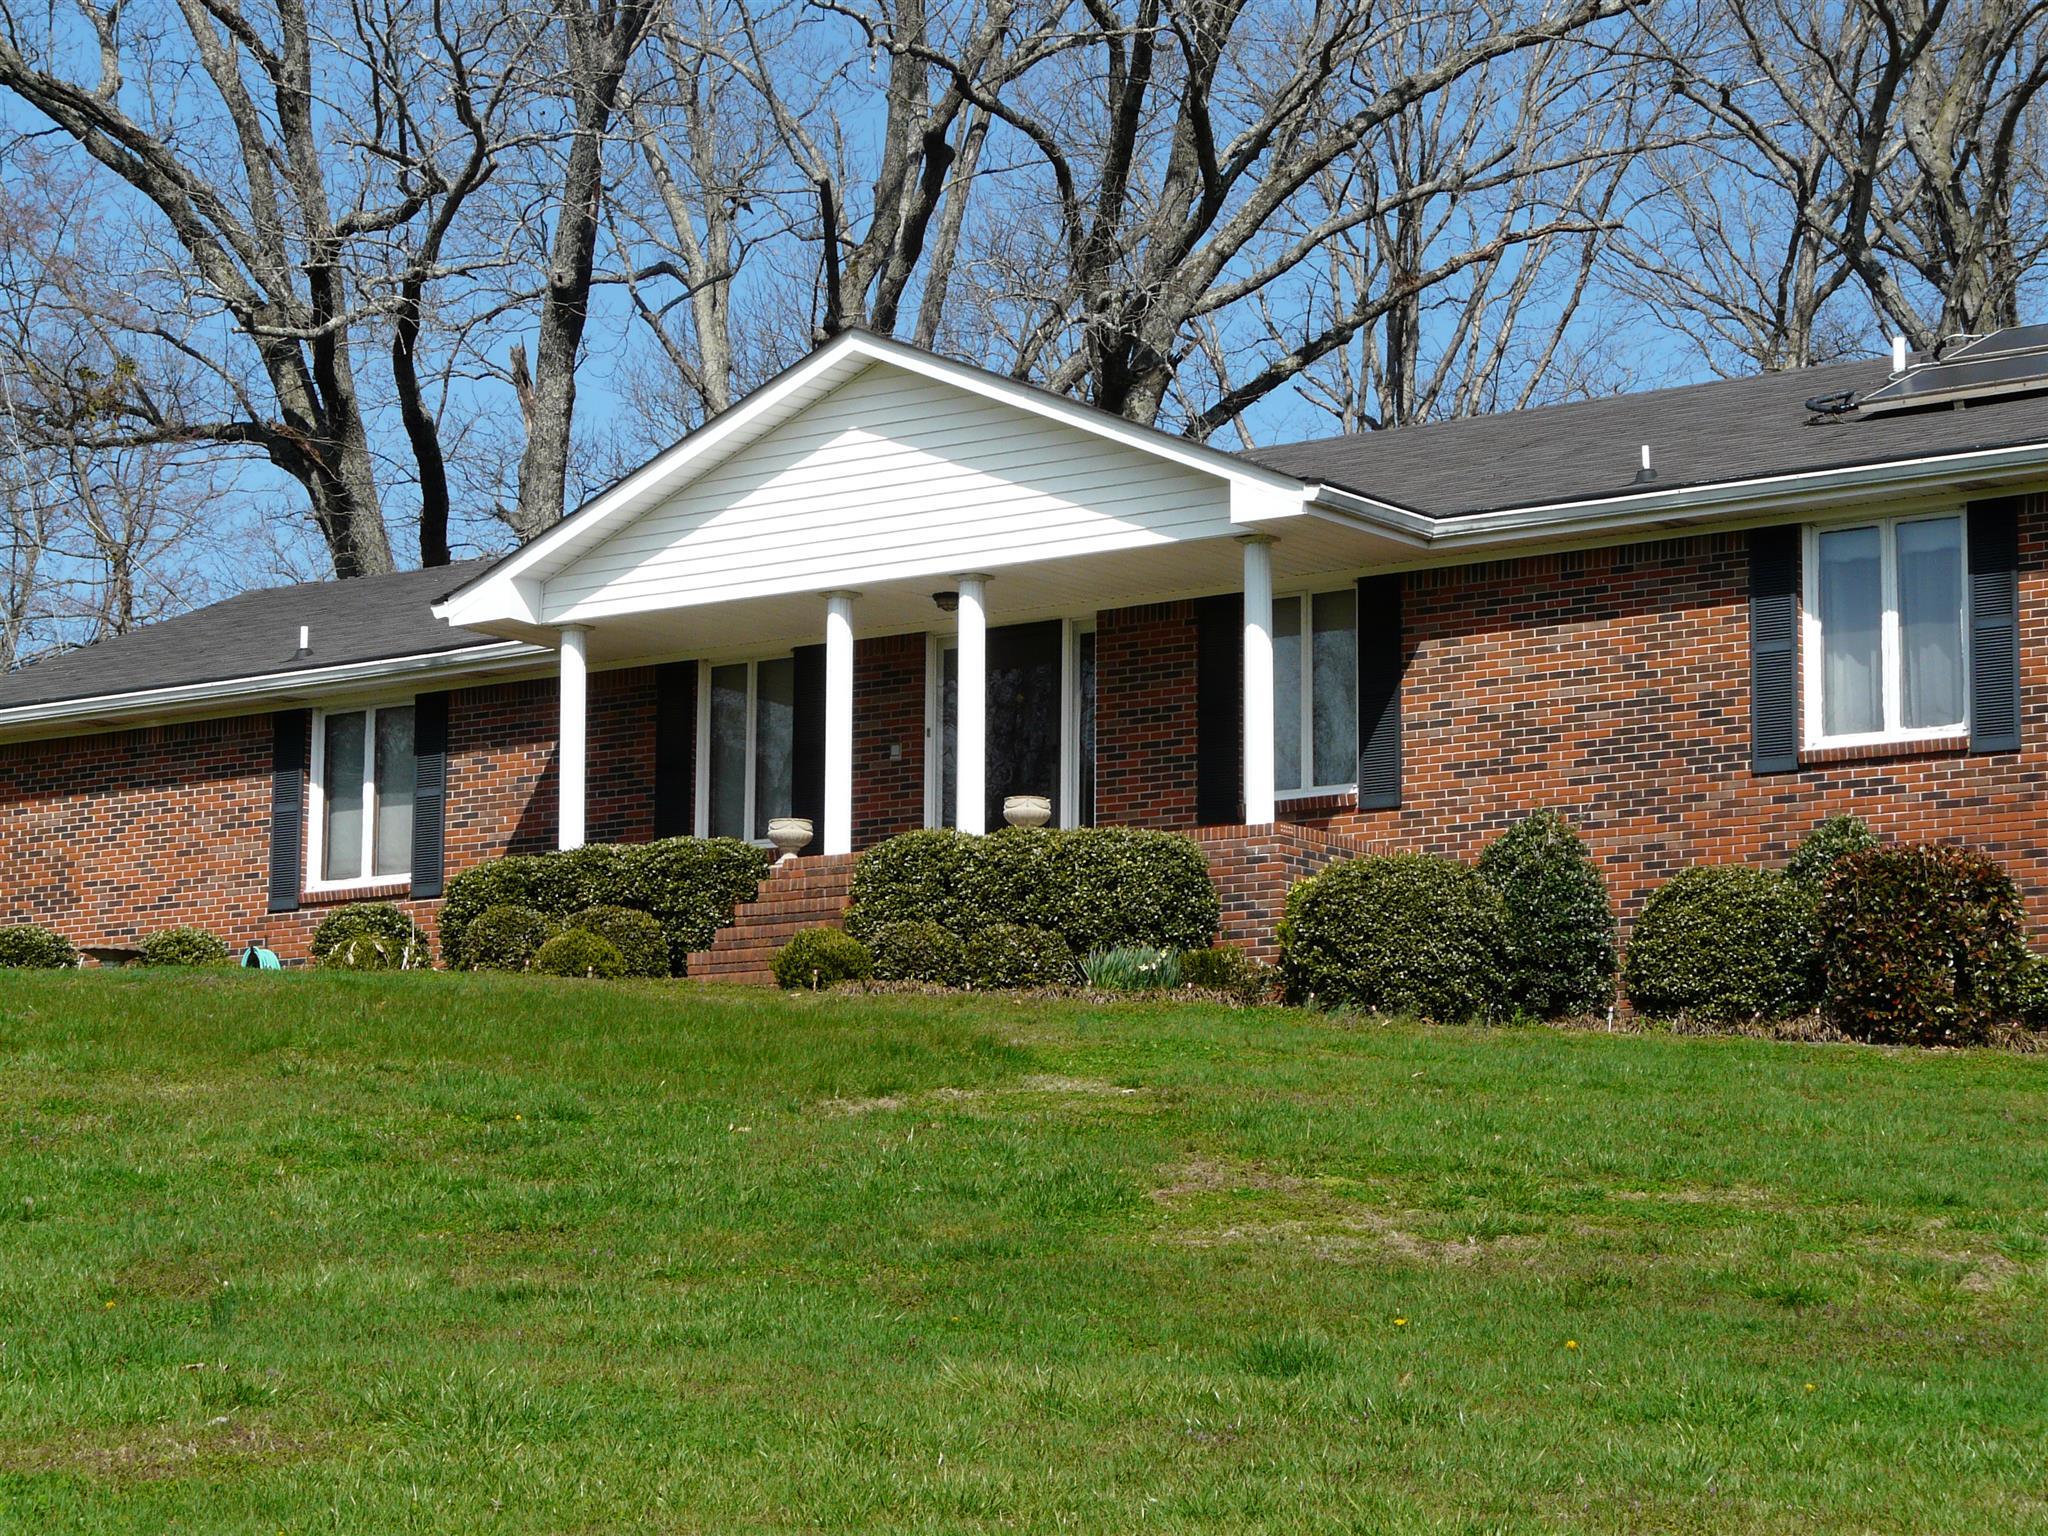 13700 Old Hickory Blvd Antioch, TN 37013